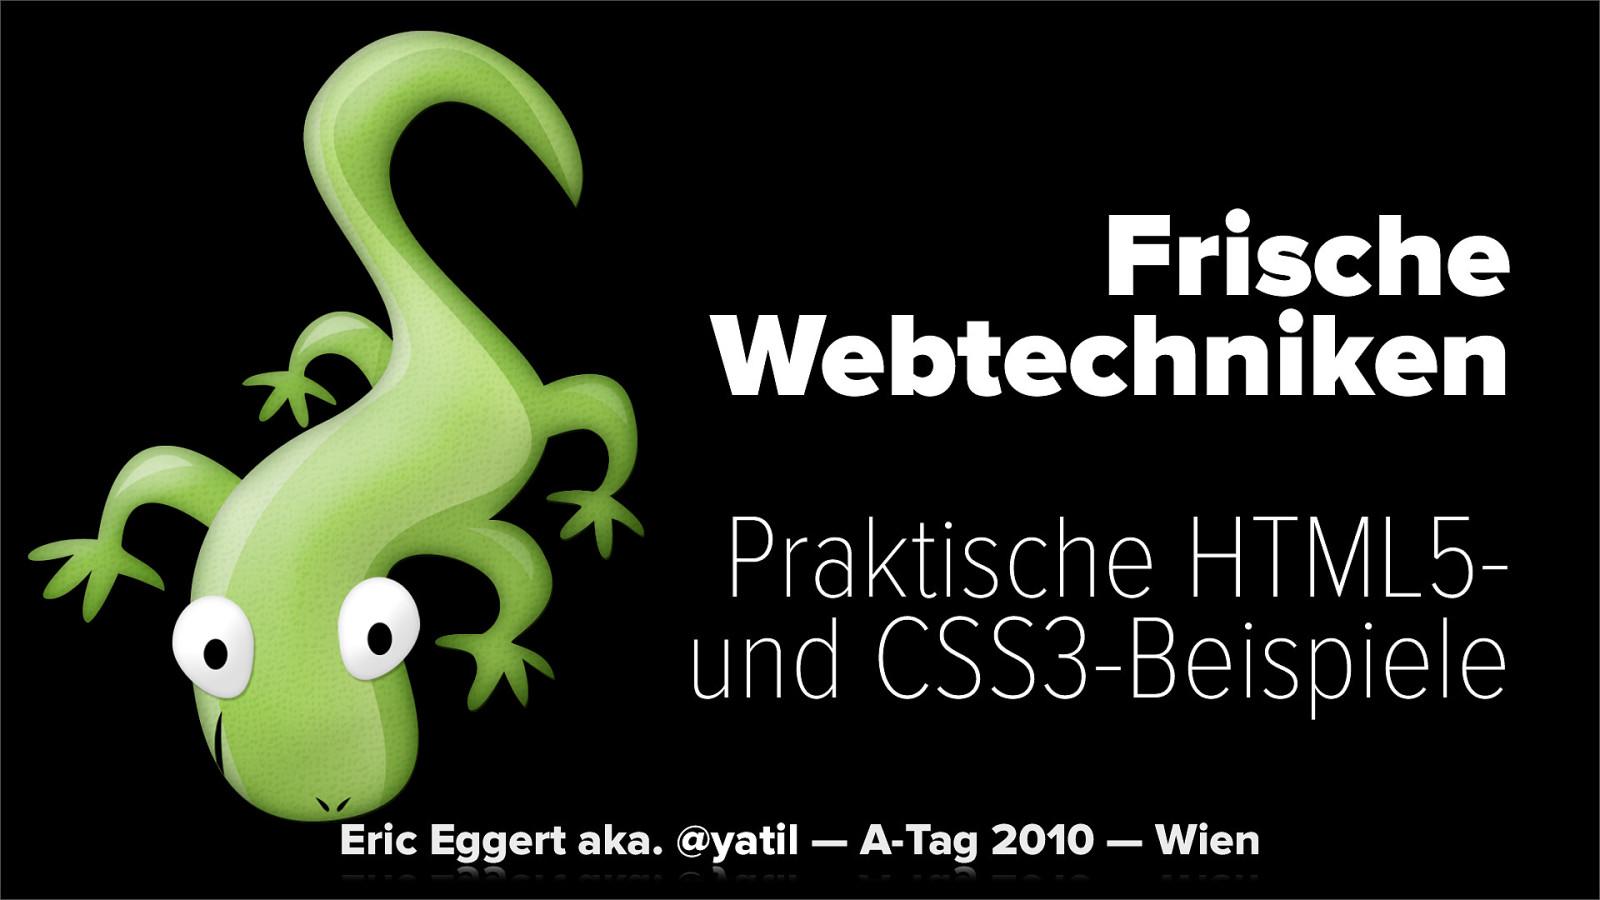 Frische Webtechniken: Praktische HTML5- und CSS3-Beispiele